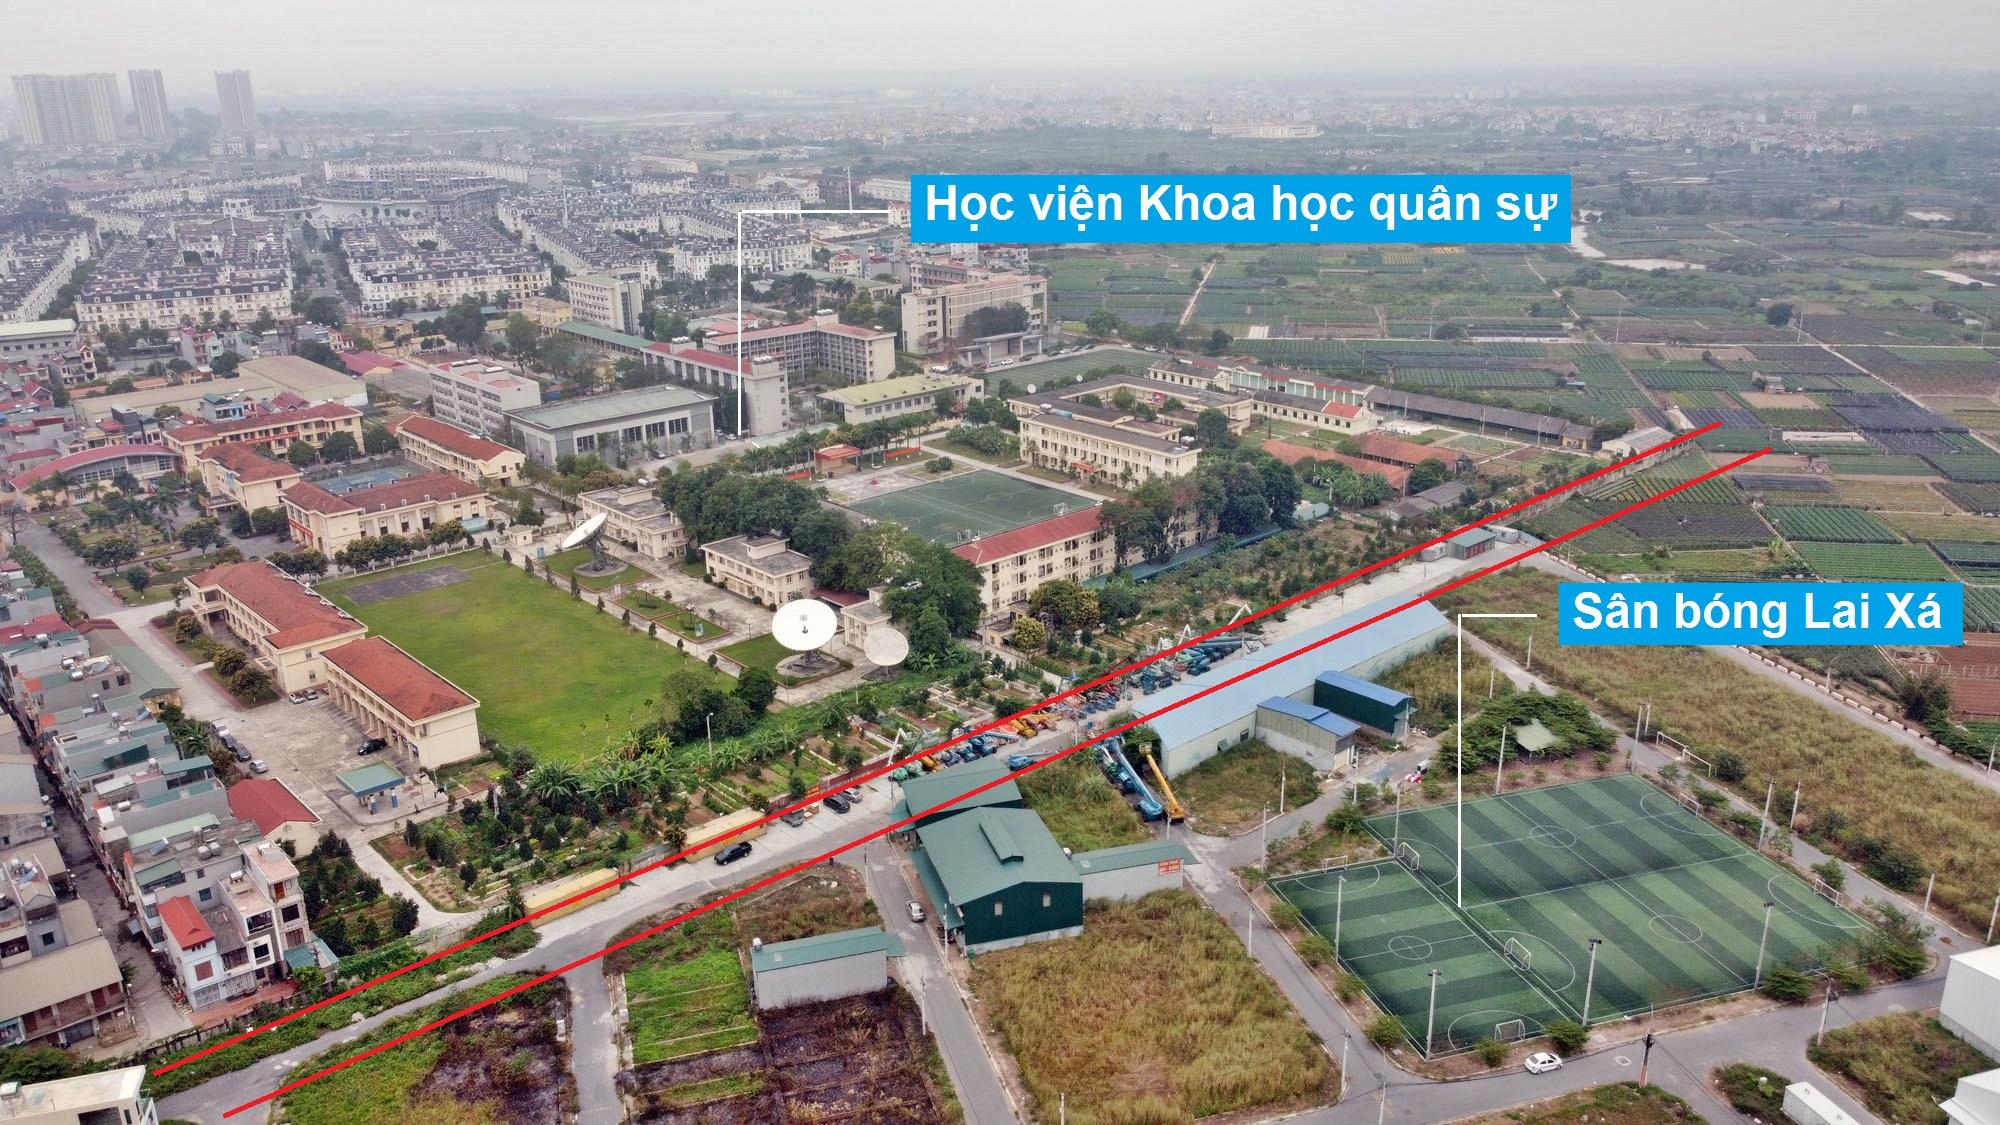 Đường sẽ mở theo quy hoạch ở xã Kim Chung, Hoài Đức, Hà Nội (phần 2) - Ảnh 9.